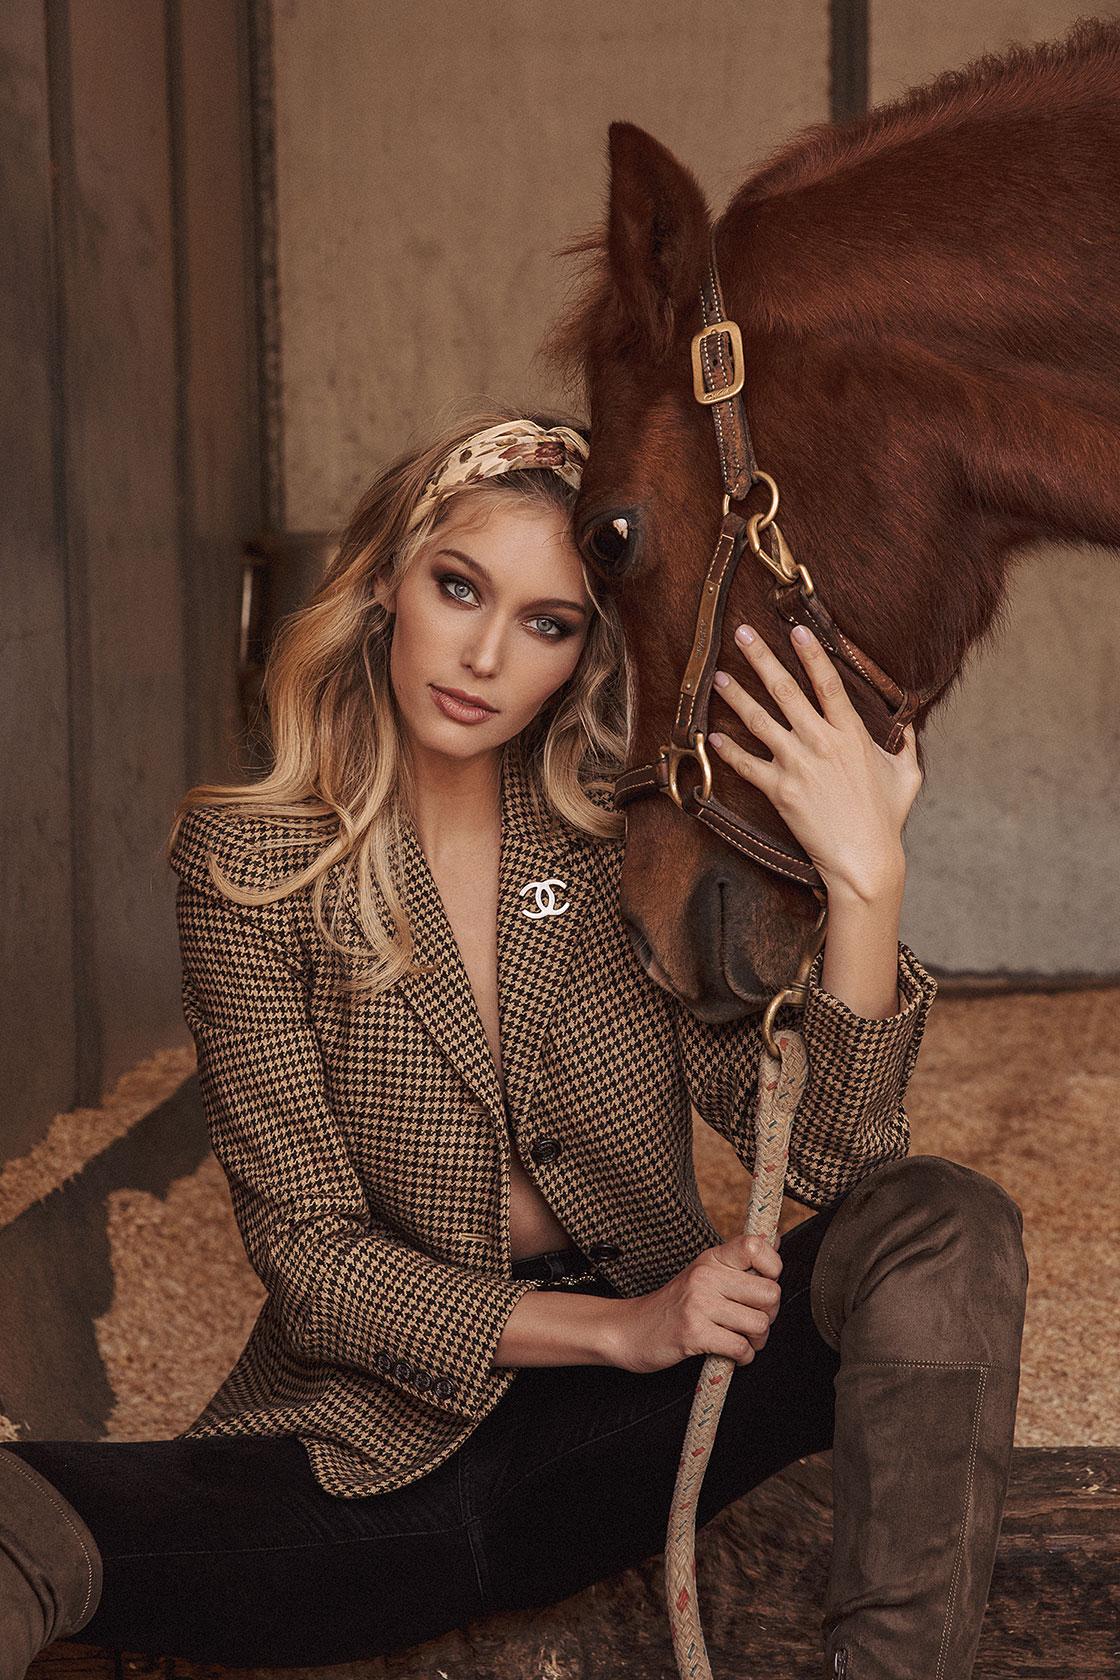 Meagan Lee, fashion model